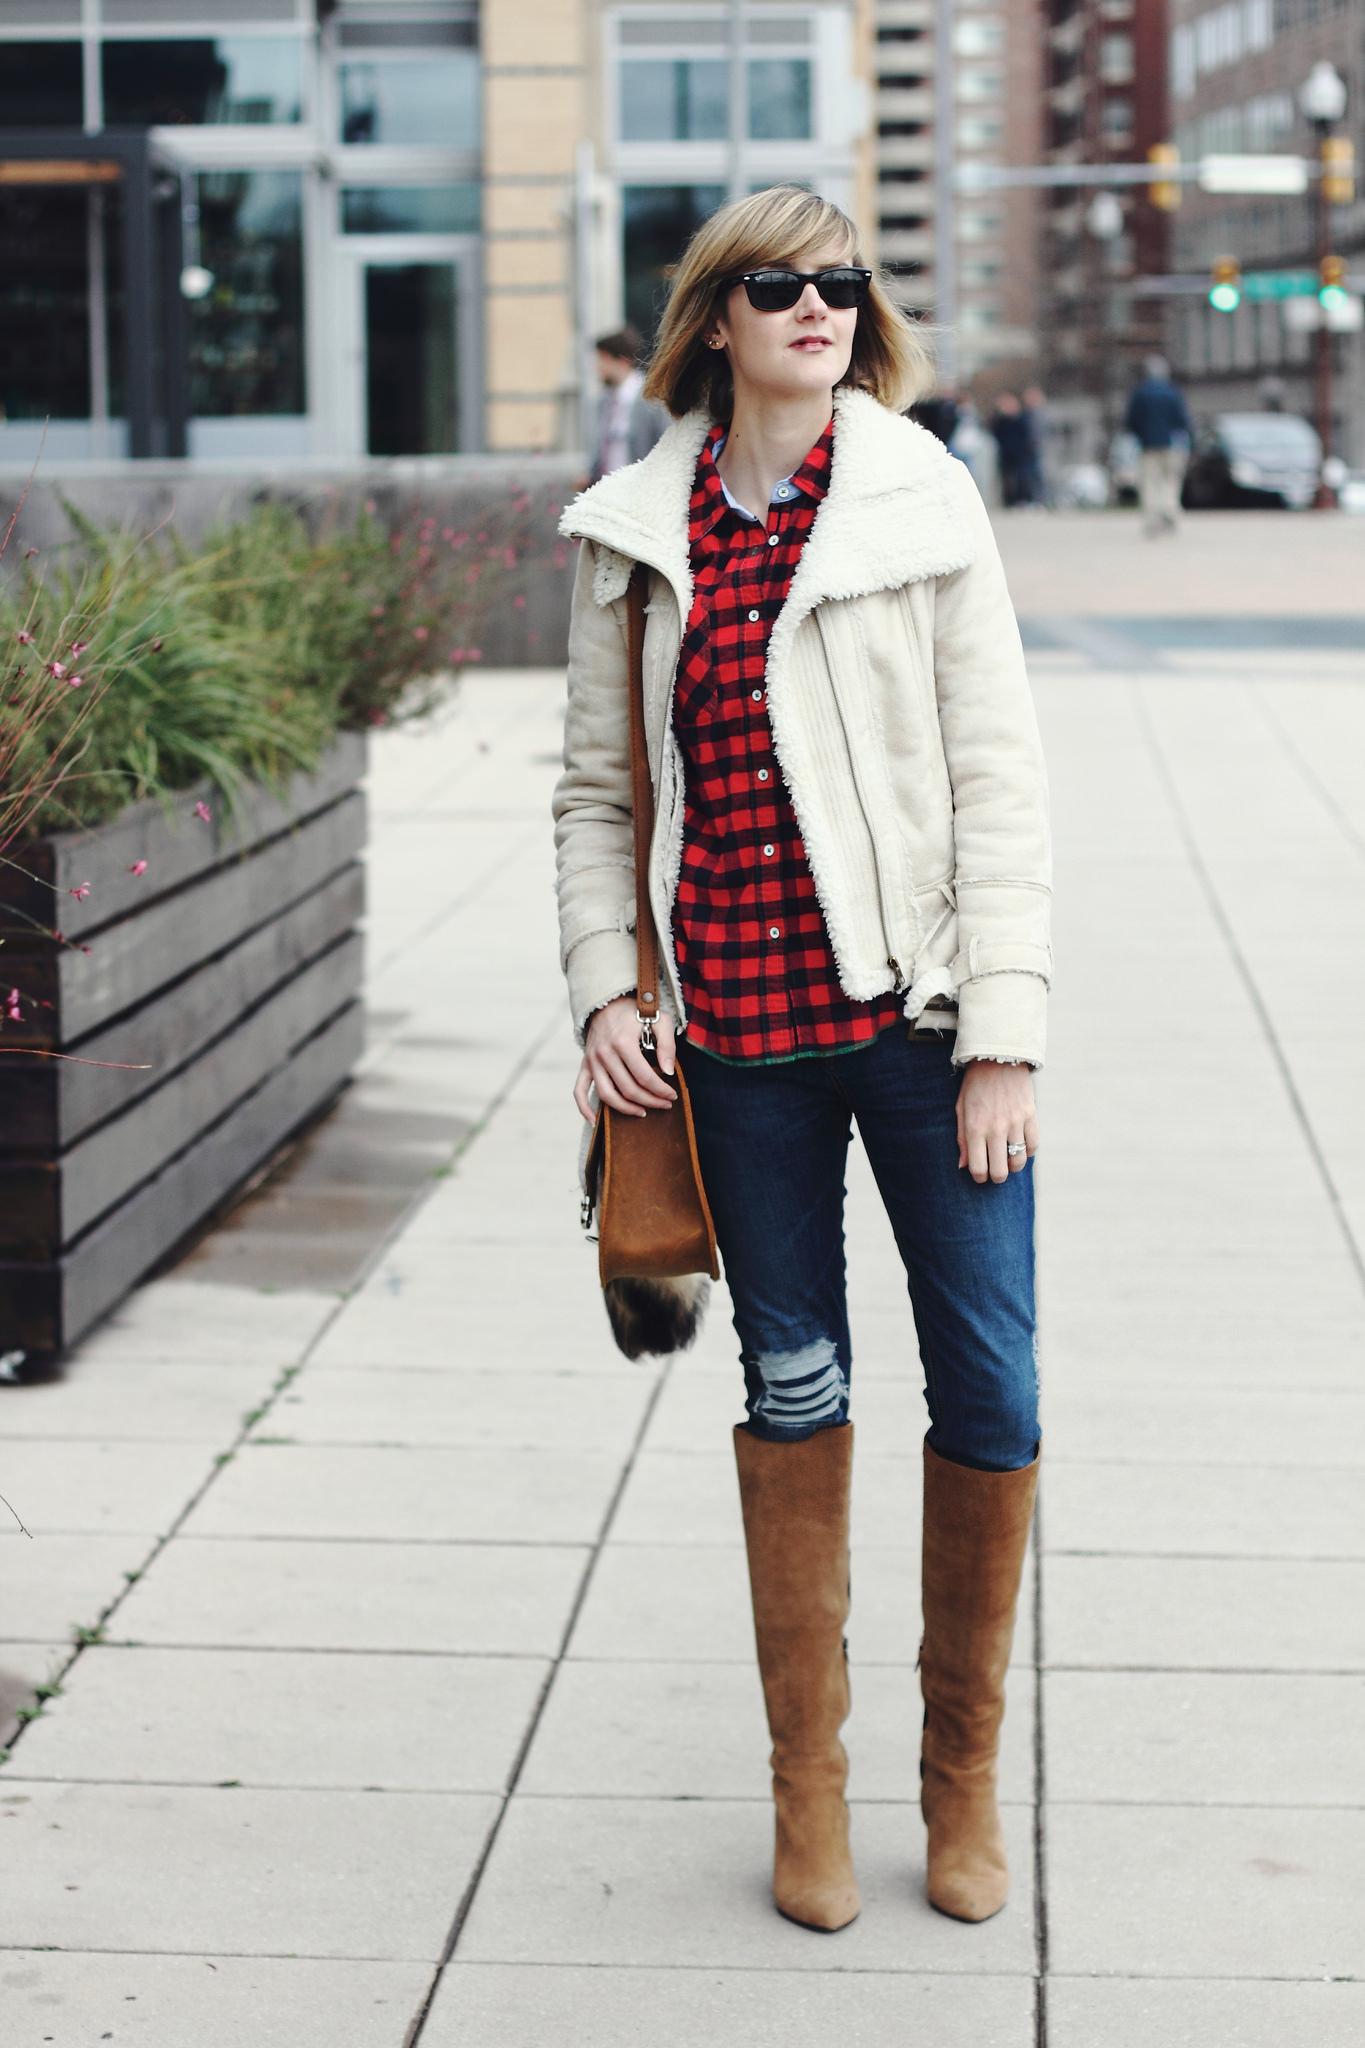 buffalo plaid shirt, Mango shearling jacket, and Saddleback leather bag